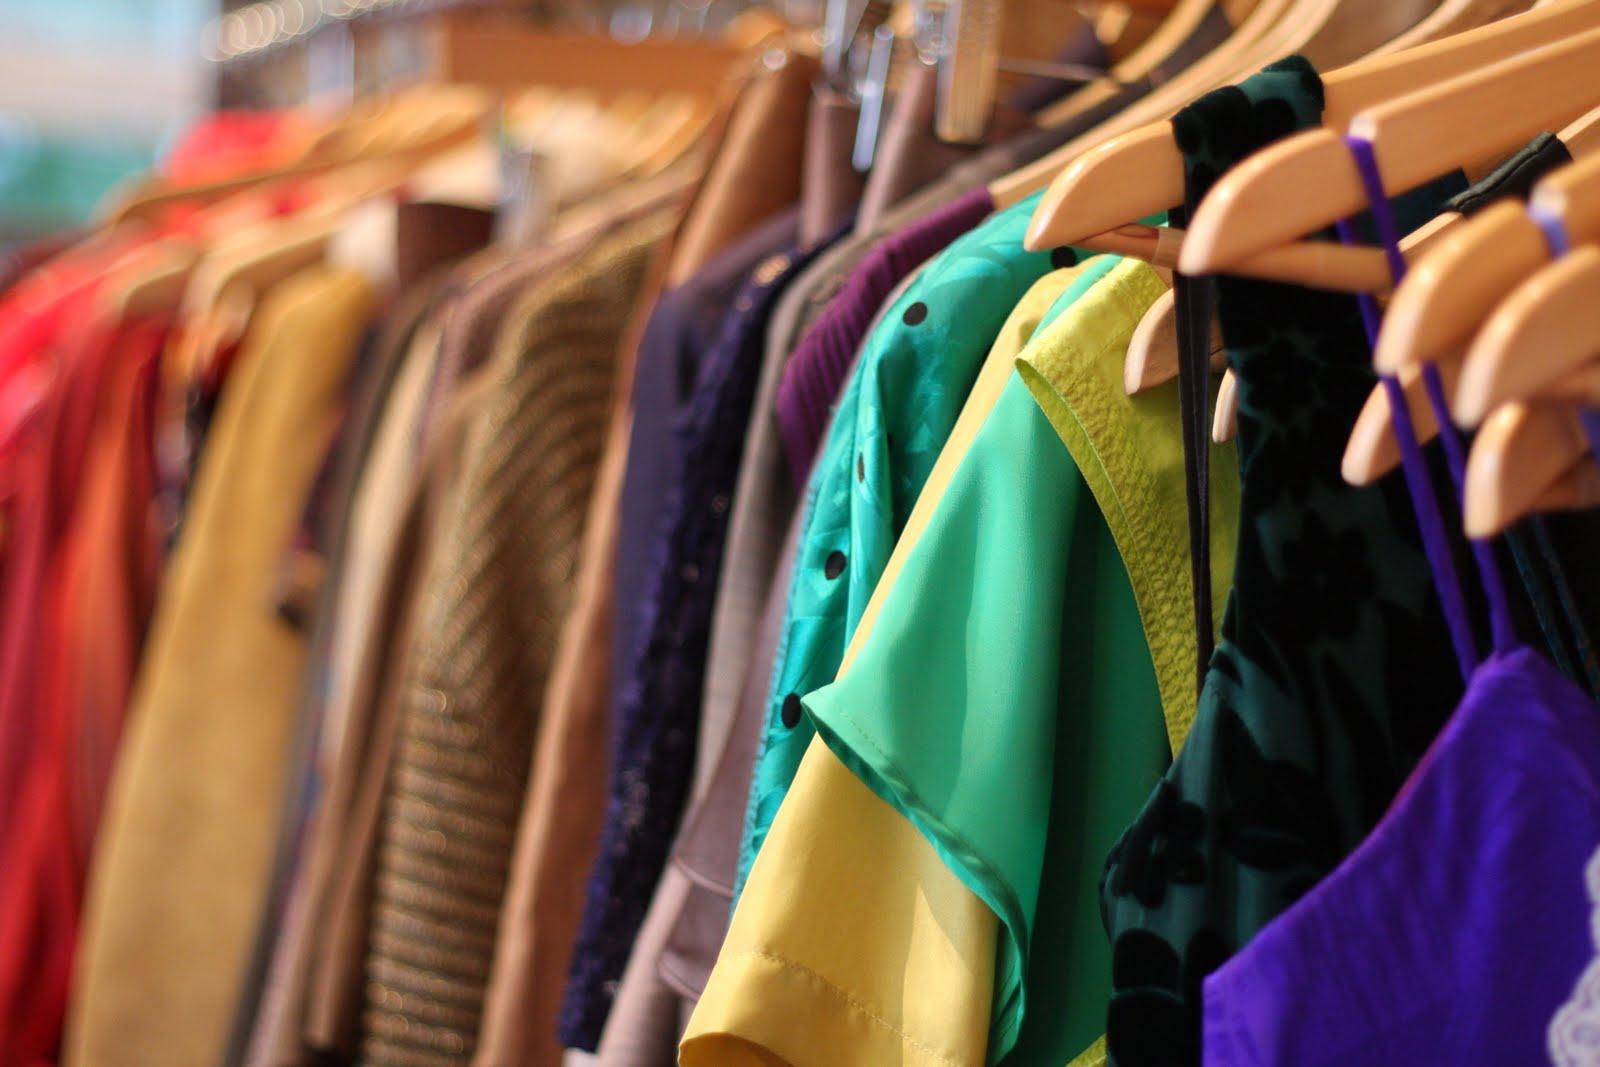 لباس هایی که میپوشیم، بر میزان همدلی که دیگران از جانب ما دریافت میکنند تاثیر میگذارد.